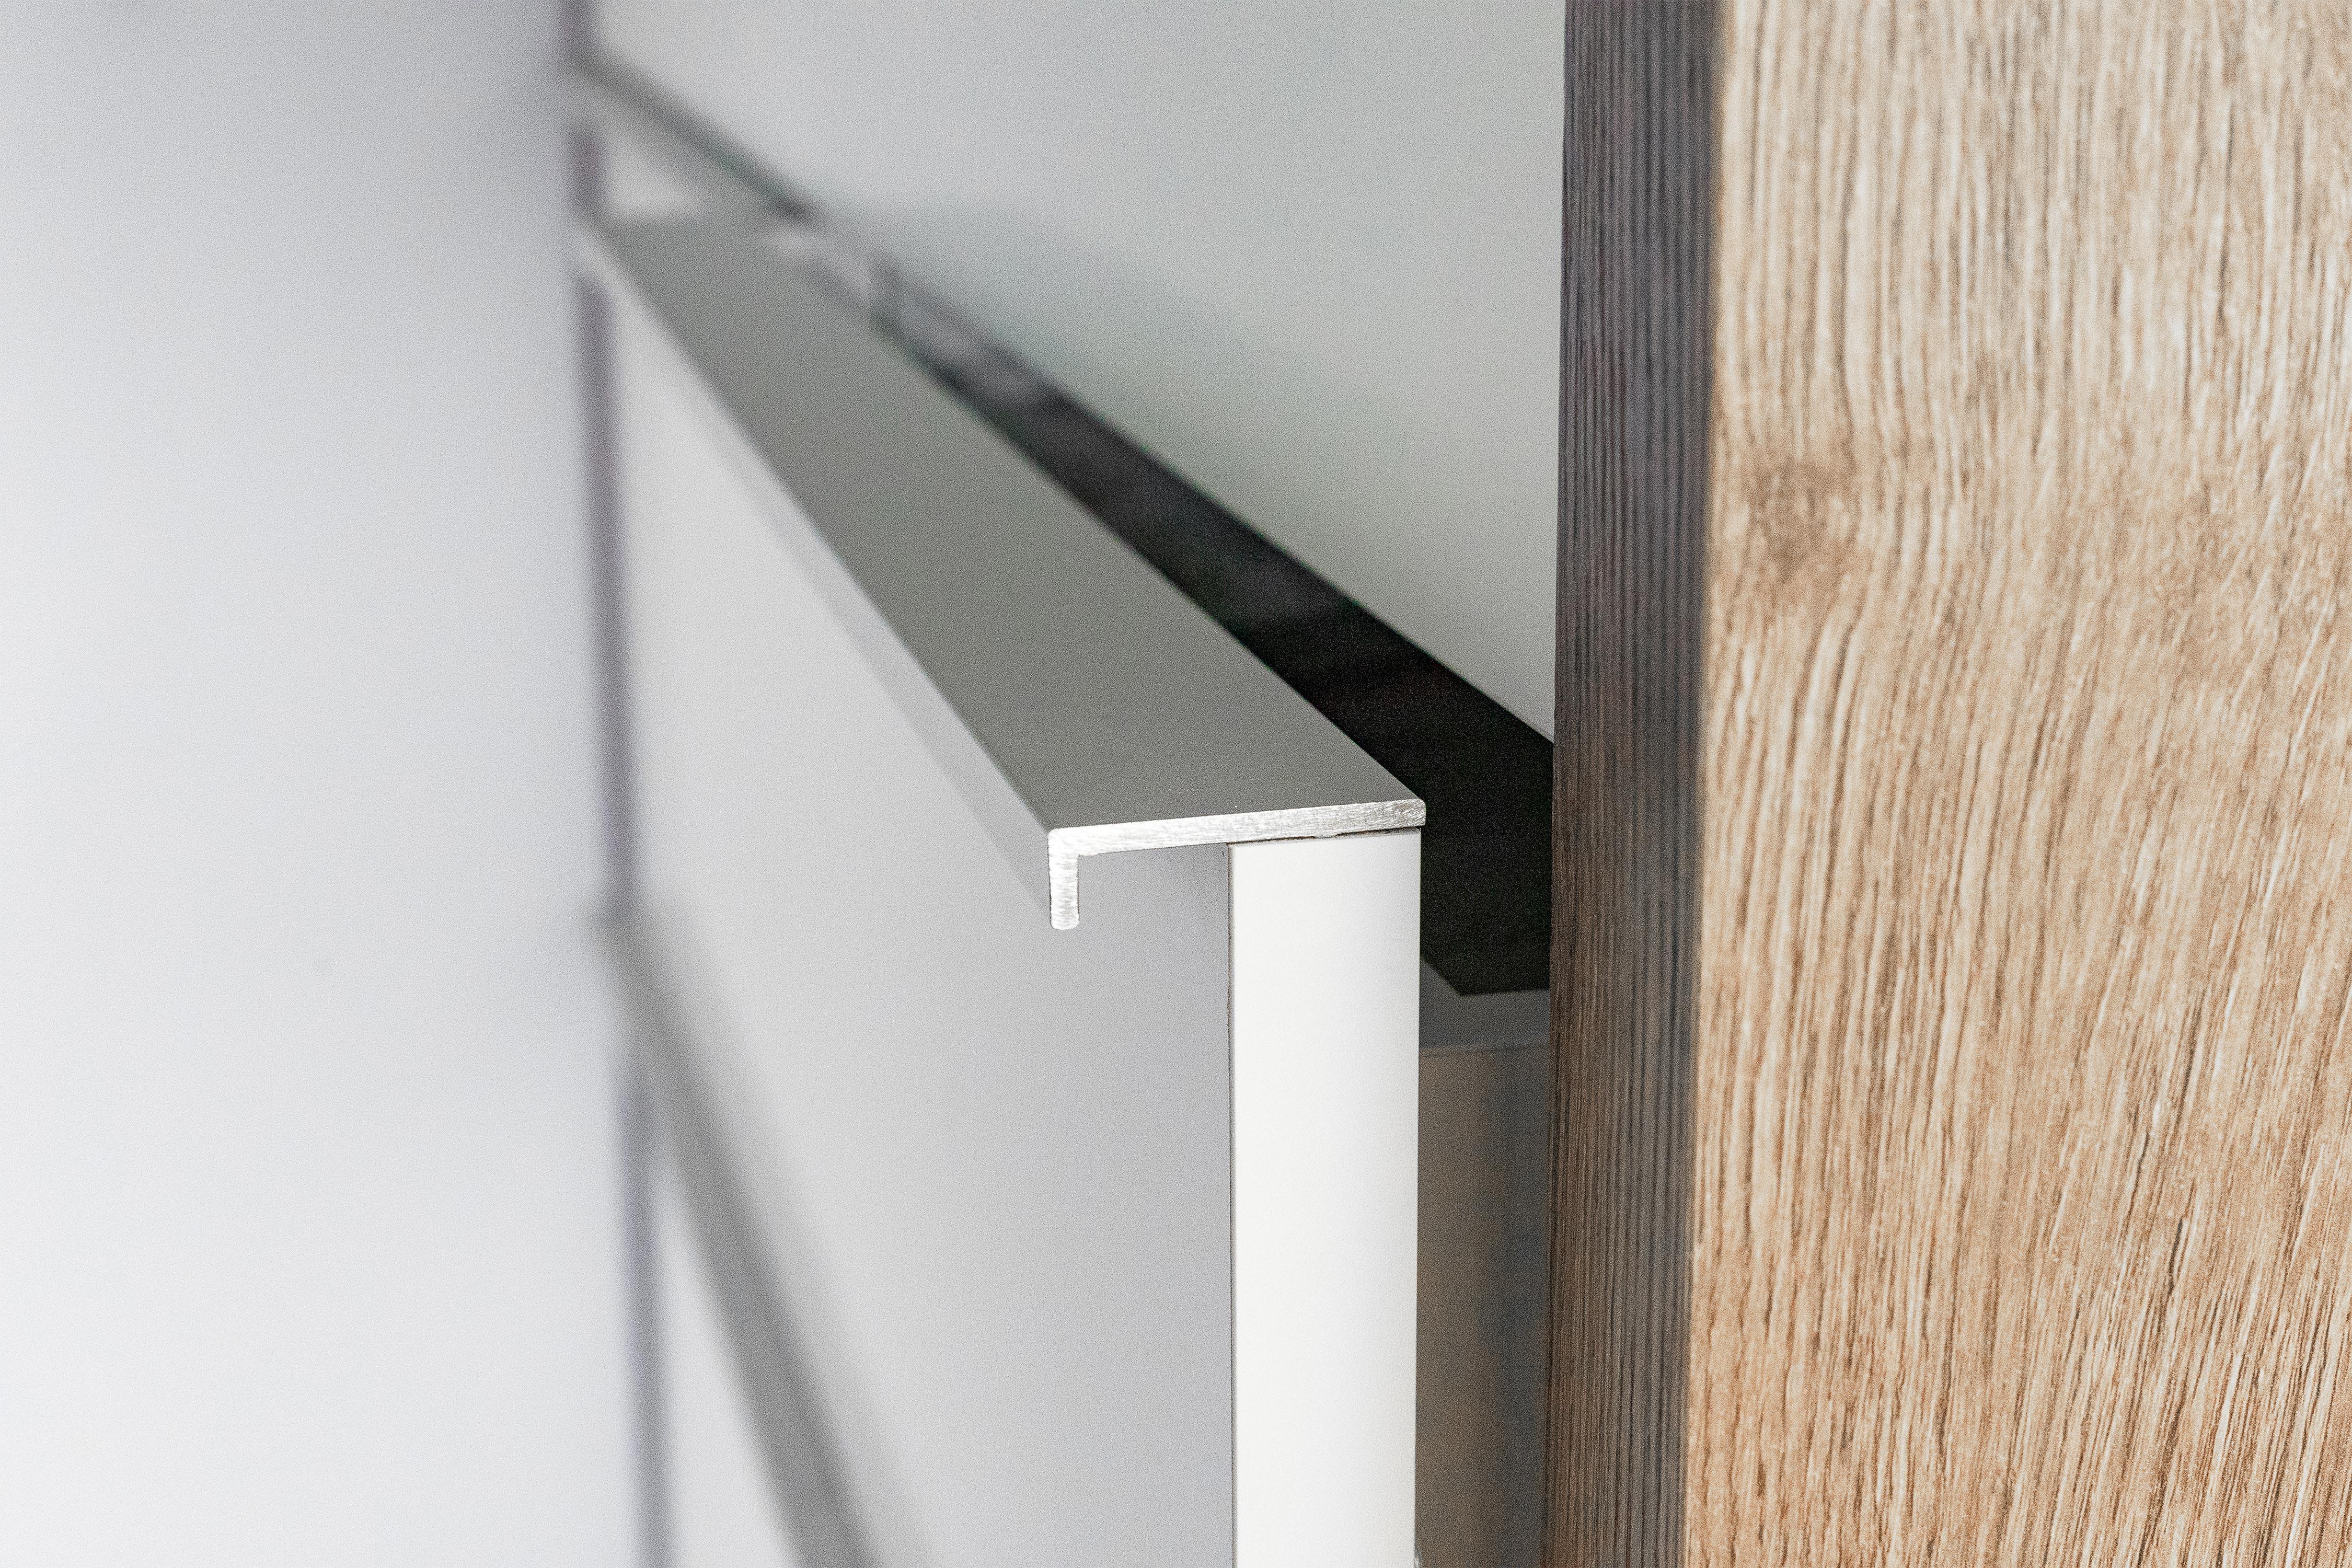 Bei uns erhalten Sie ganz individuelle Möbel perfekt auf Ihre Bedürfnisse angepasst. Ob Kleiderschränke, Tische oder Sideboards. Wir lassen keine Wünsche offen